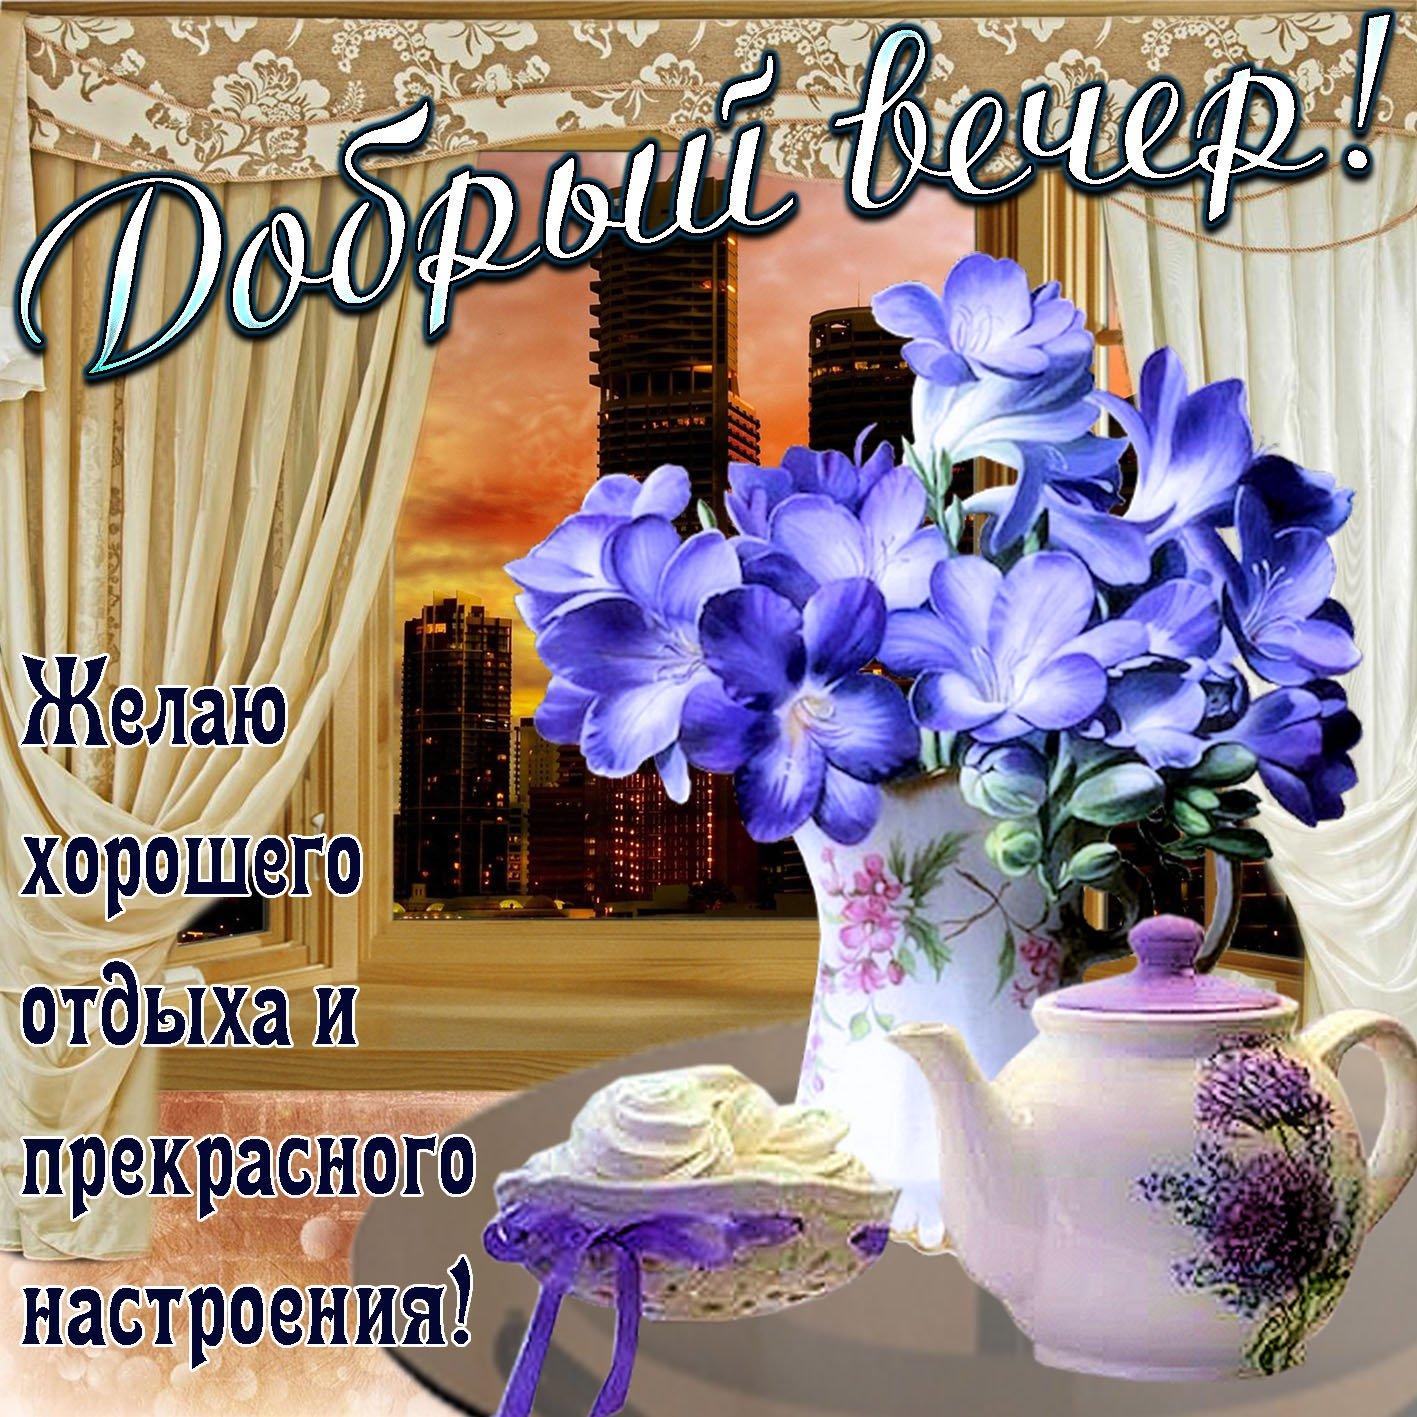 Открытки с пожеланиями хорошего вечера и доброй ночи, добрым утром